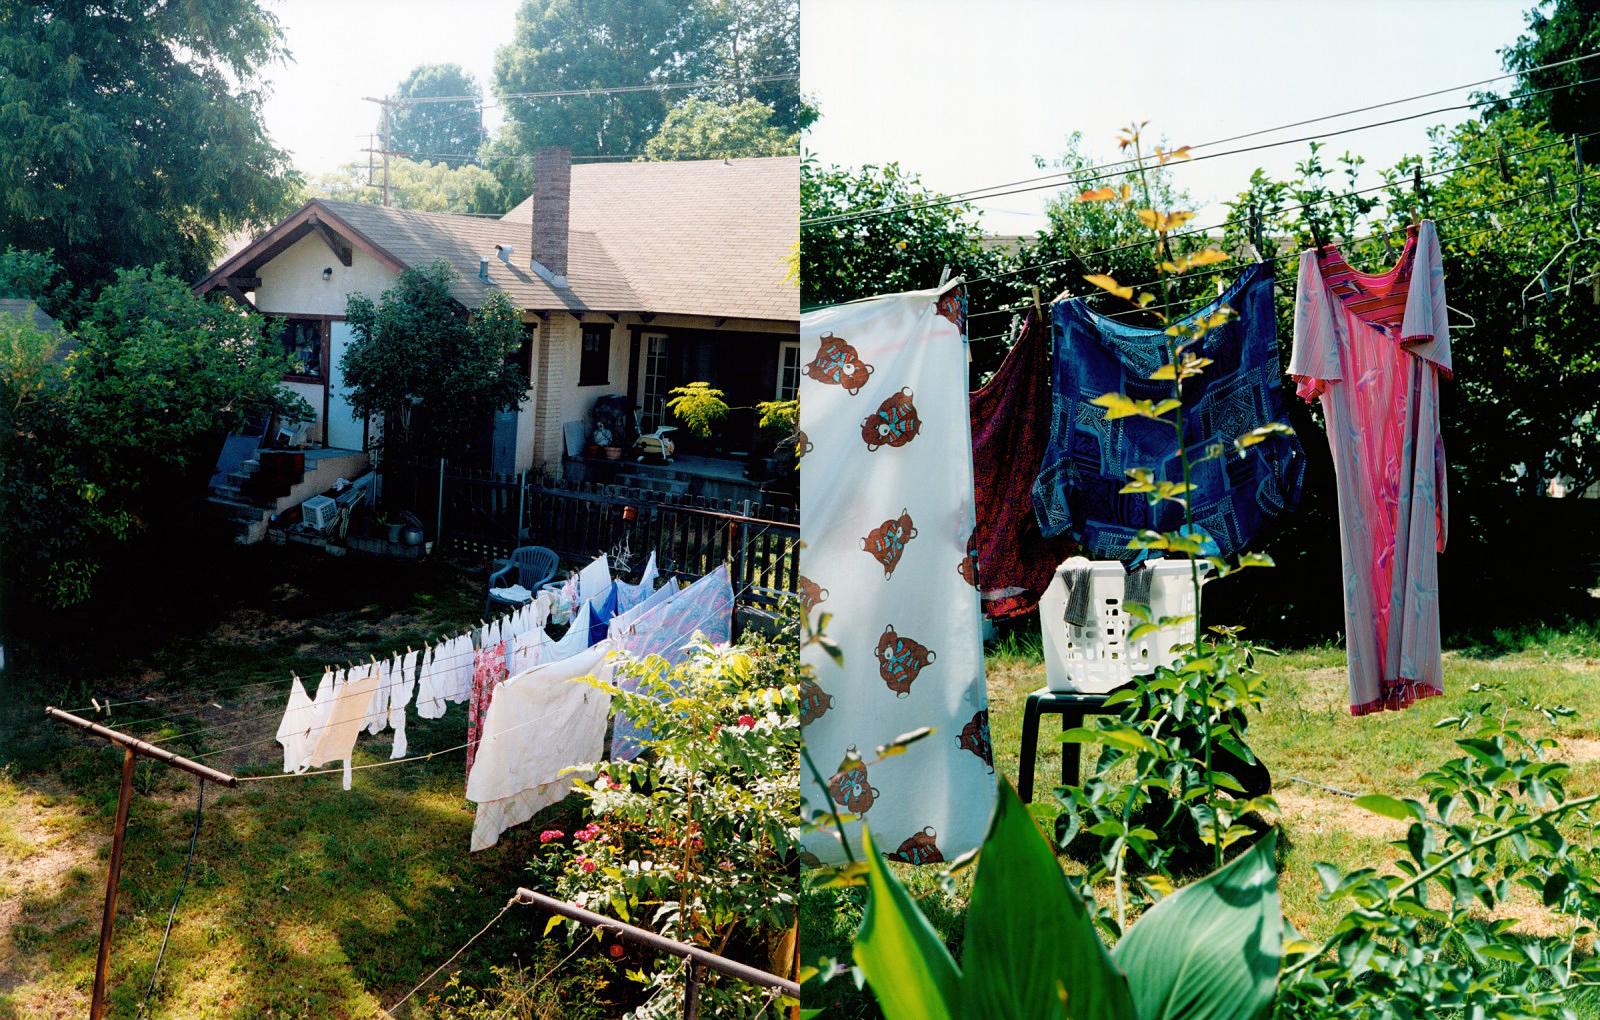 ec_backyard_38-39.jpg